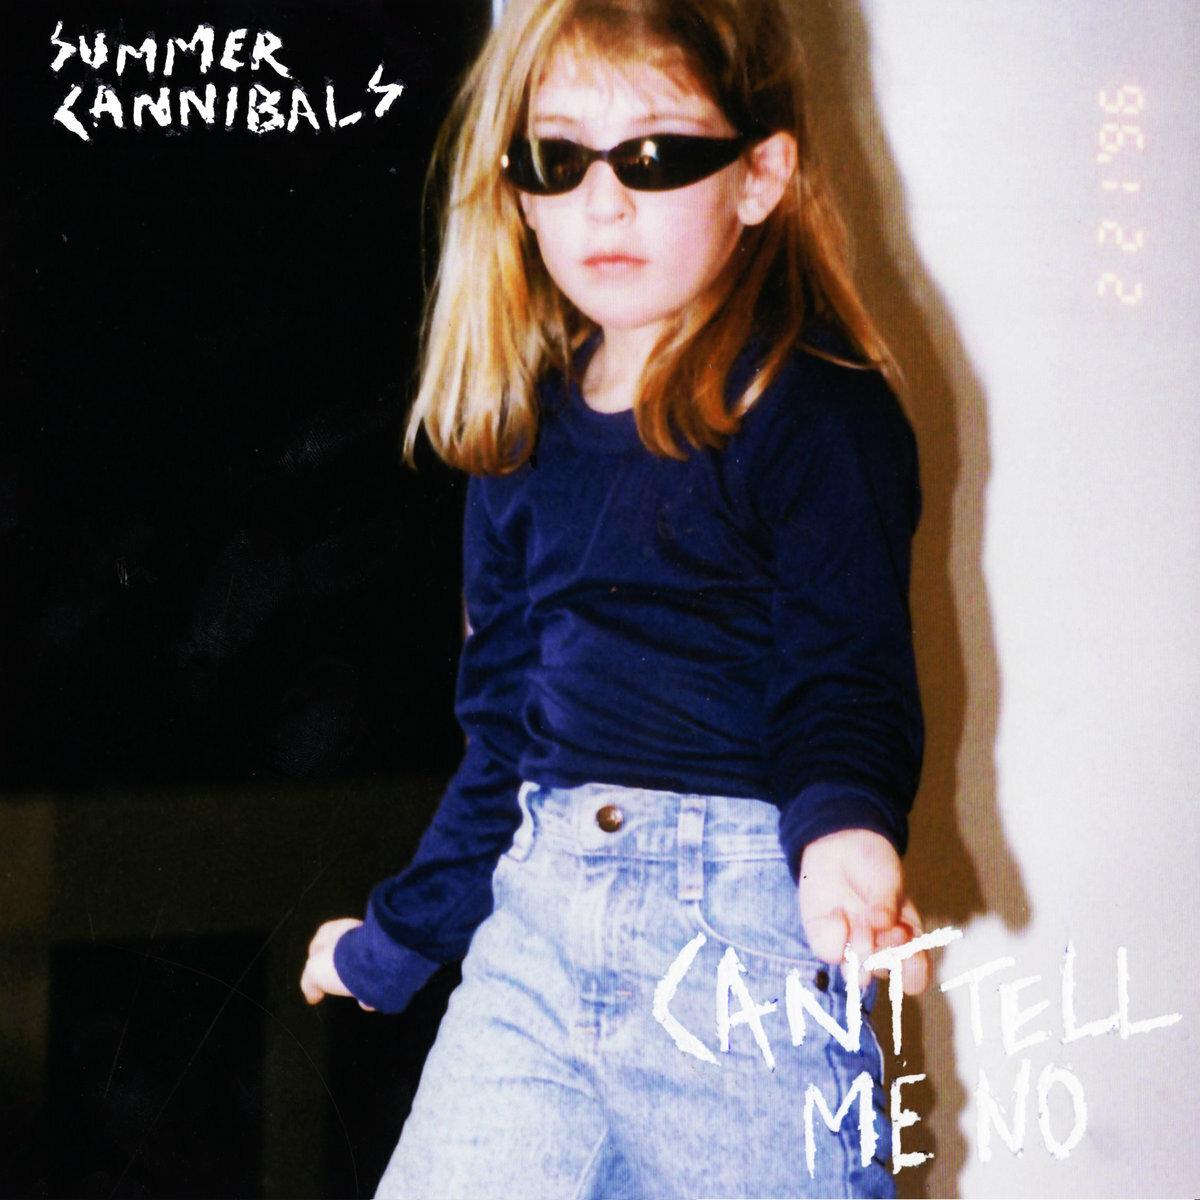 Summer Cannibals / Can't Tell Me No(700 Ltd LP)